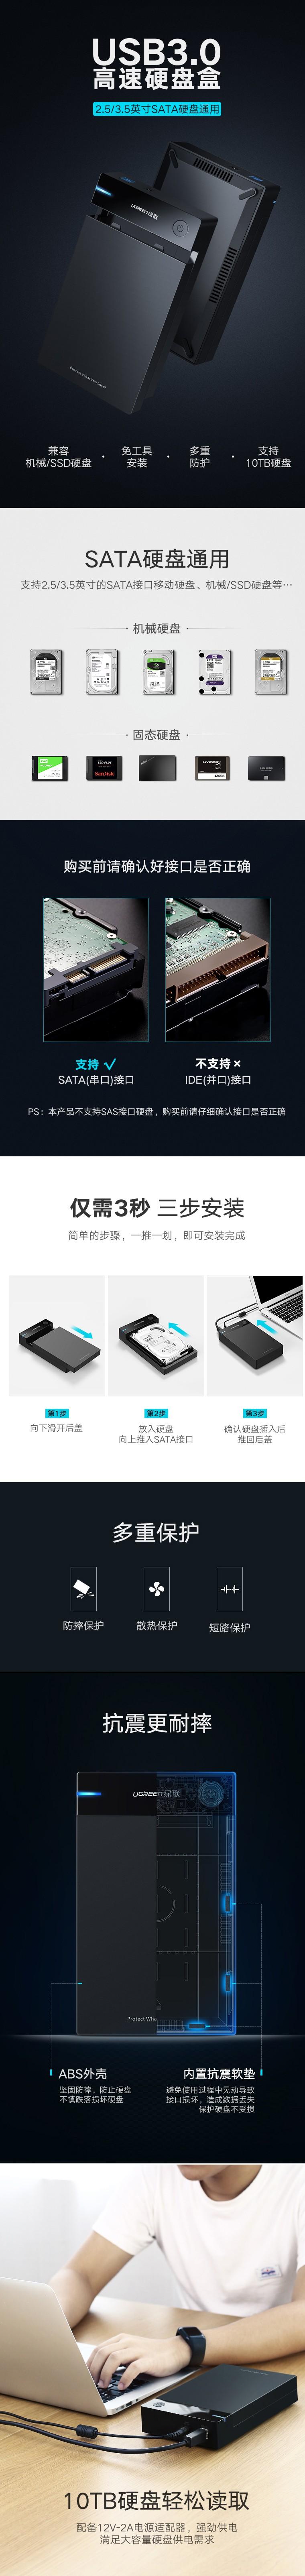 绿联30849 3.5英寸黑色USB3.0 移动硬盘盒 详情页